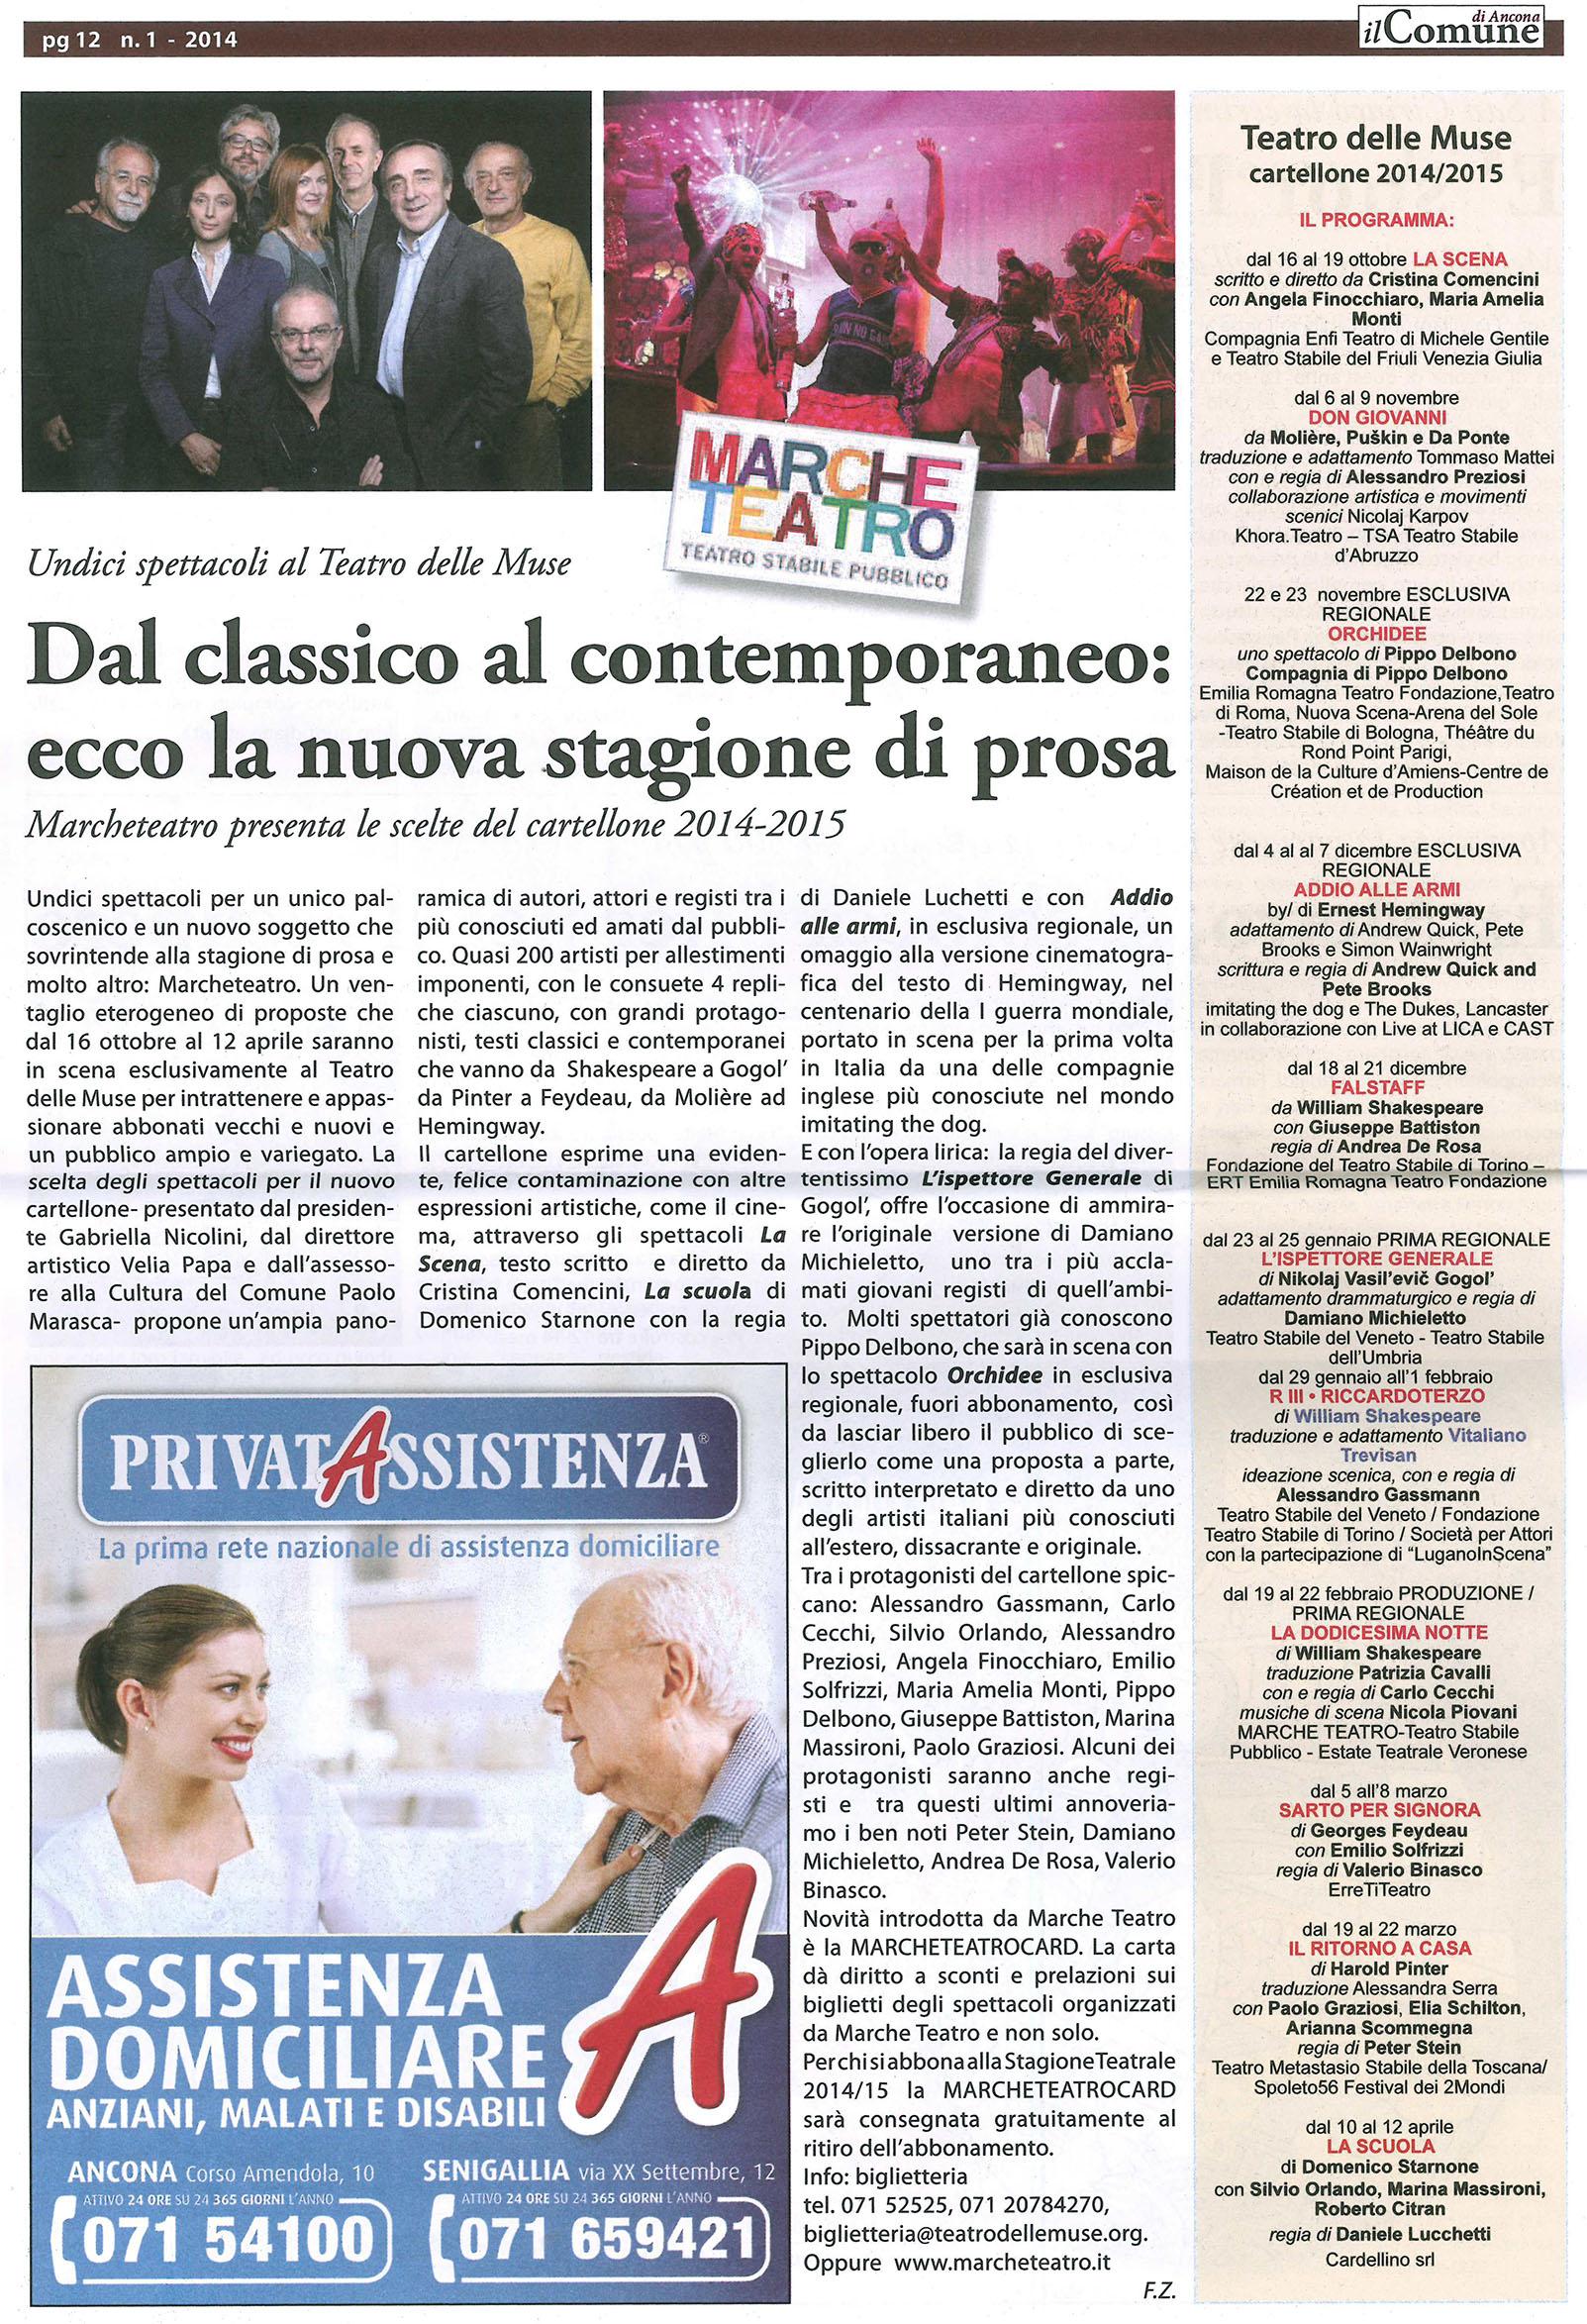 2014.05.30 Dal classico al contemporaneo ecco la snuova stagioen di prosa - Il Comune di Ancona